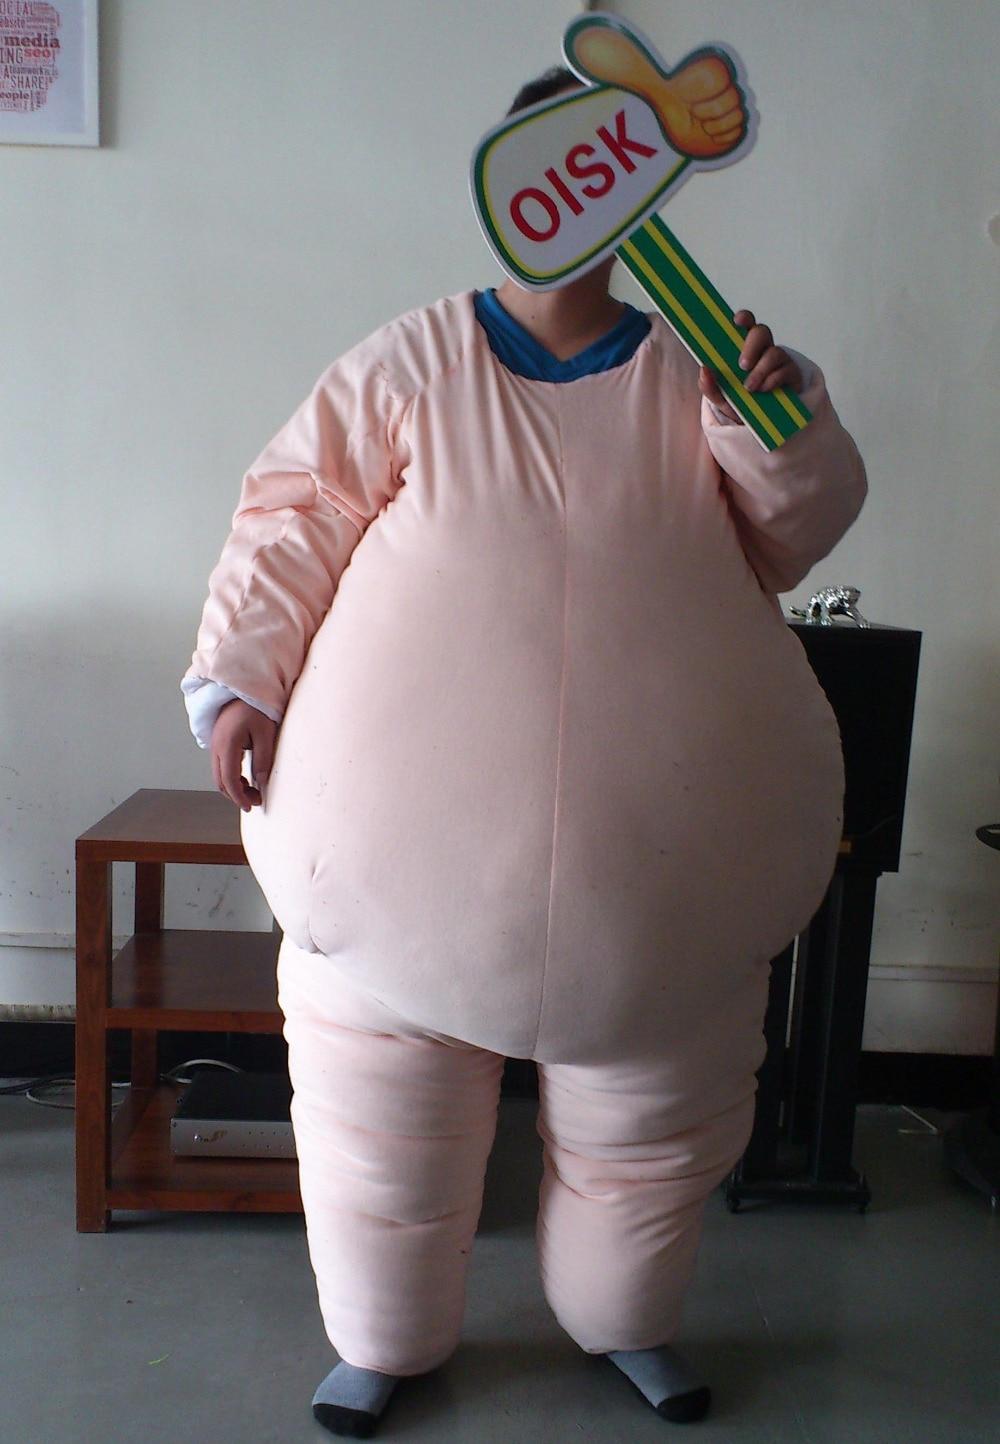 Personnalisé mâle Graisse Costume Rembourrage Costume De Mascotte Animale Costume Halloween De Noël D'anniversaire Plein Corps Soutiens Costumes Outfit